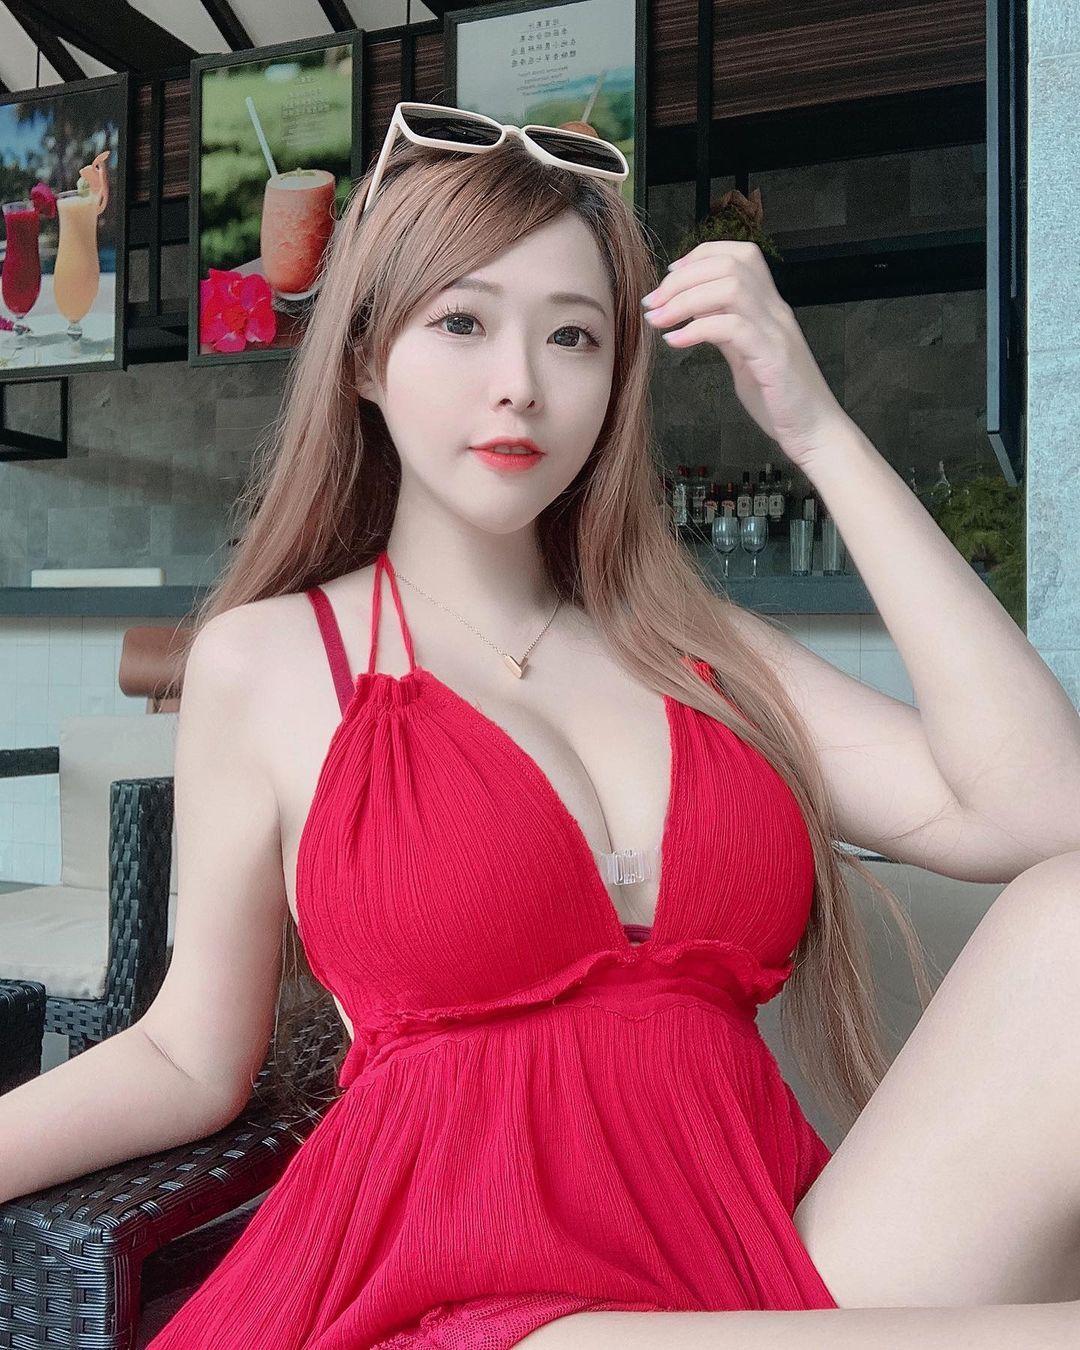 台湾妹子张筱柔胸前丰满的弧度让人看傻了眼 网络美女 第2张